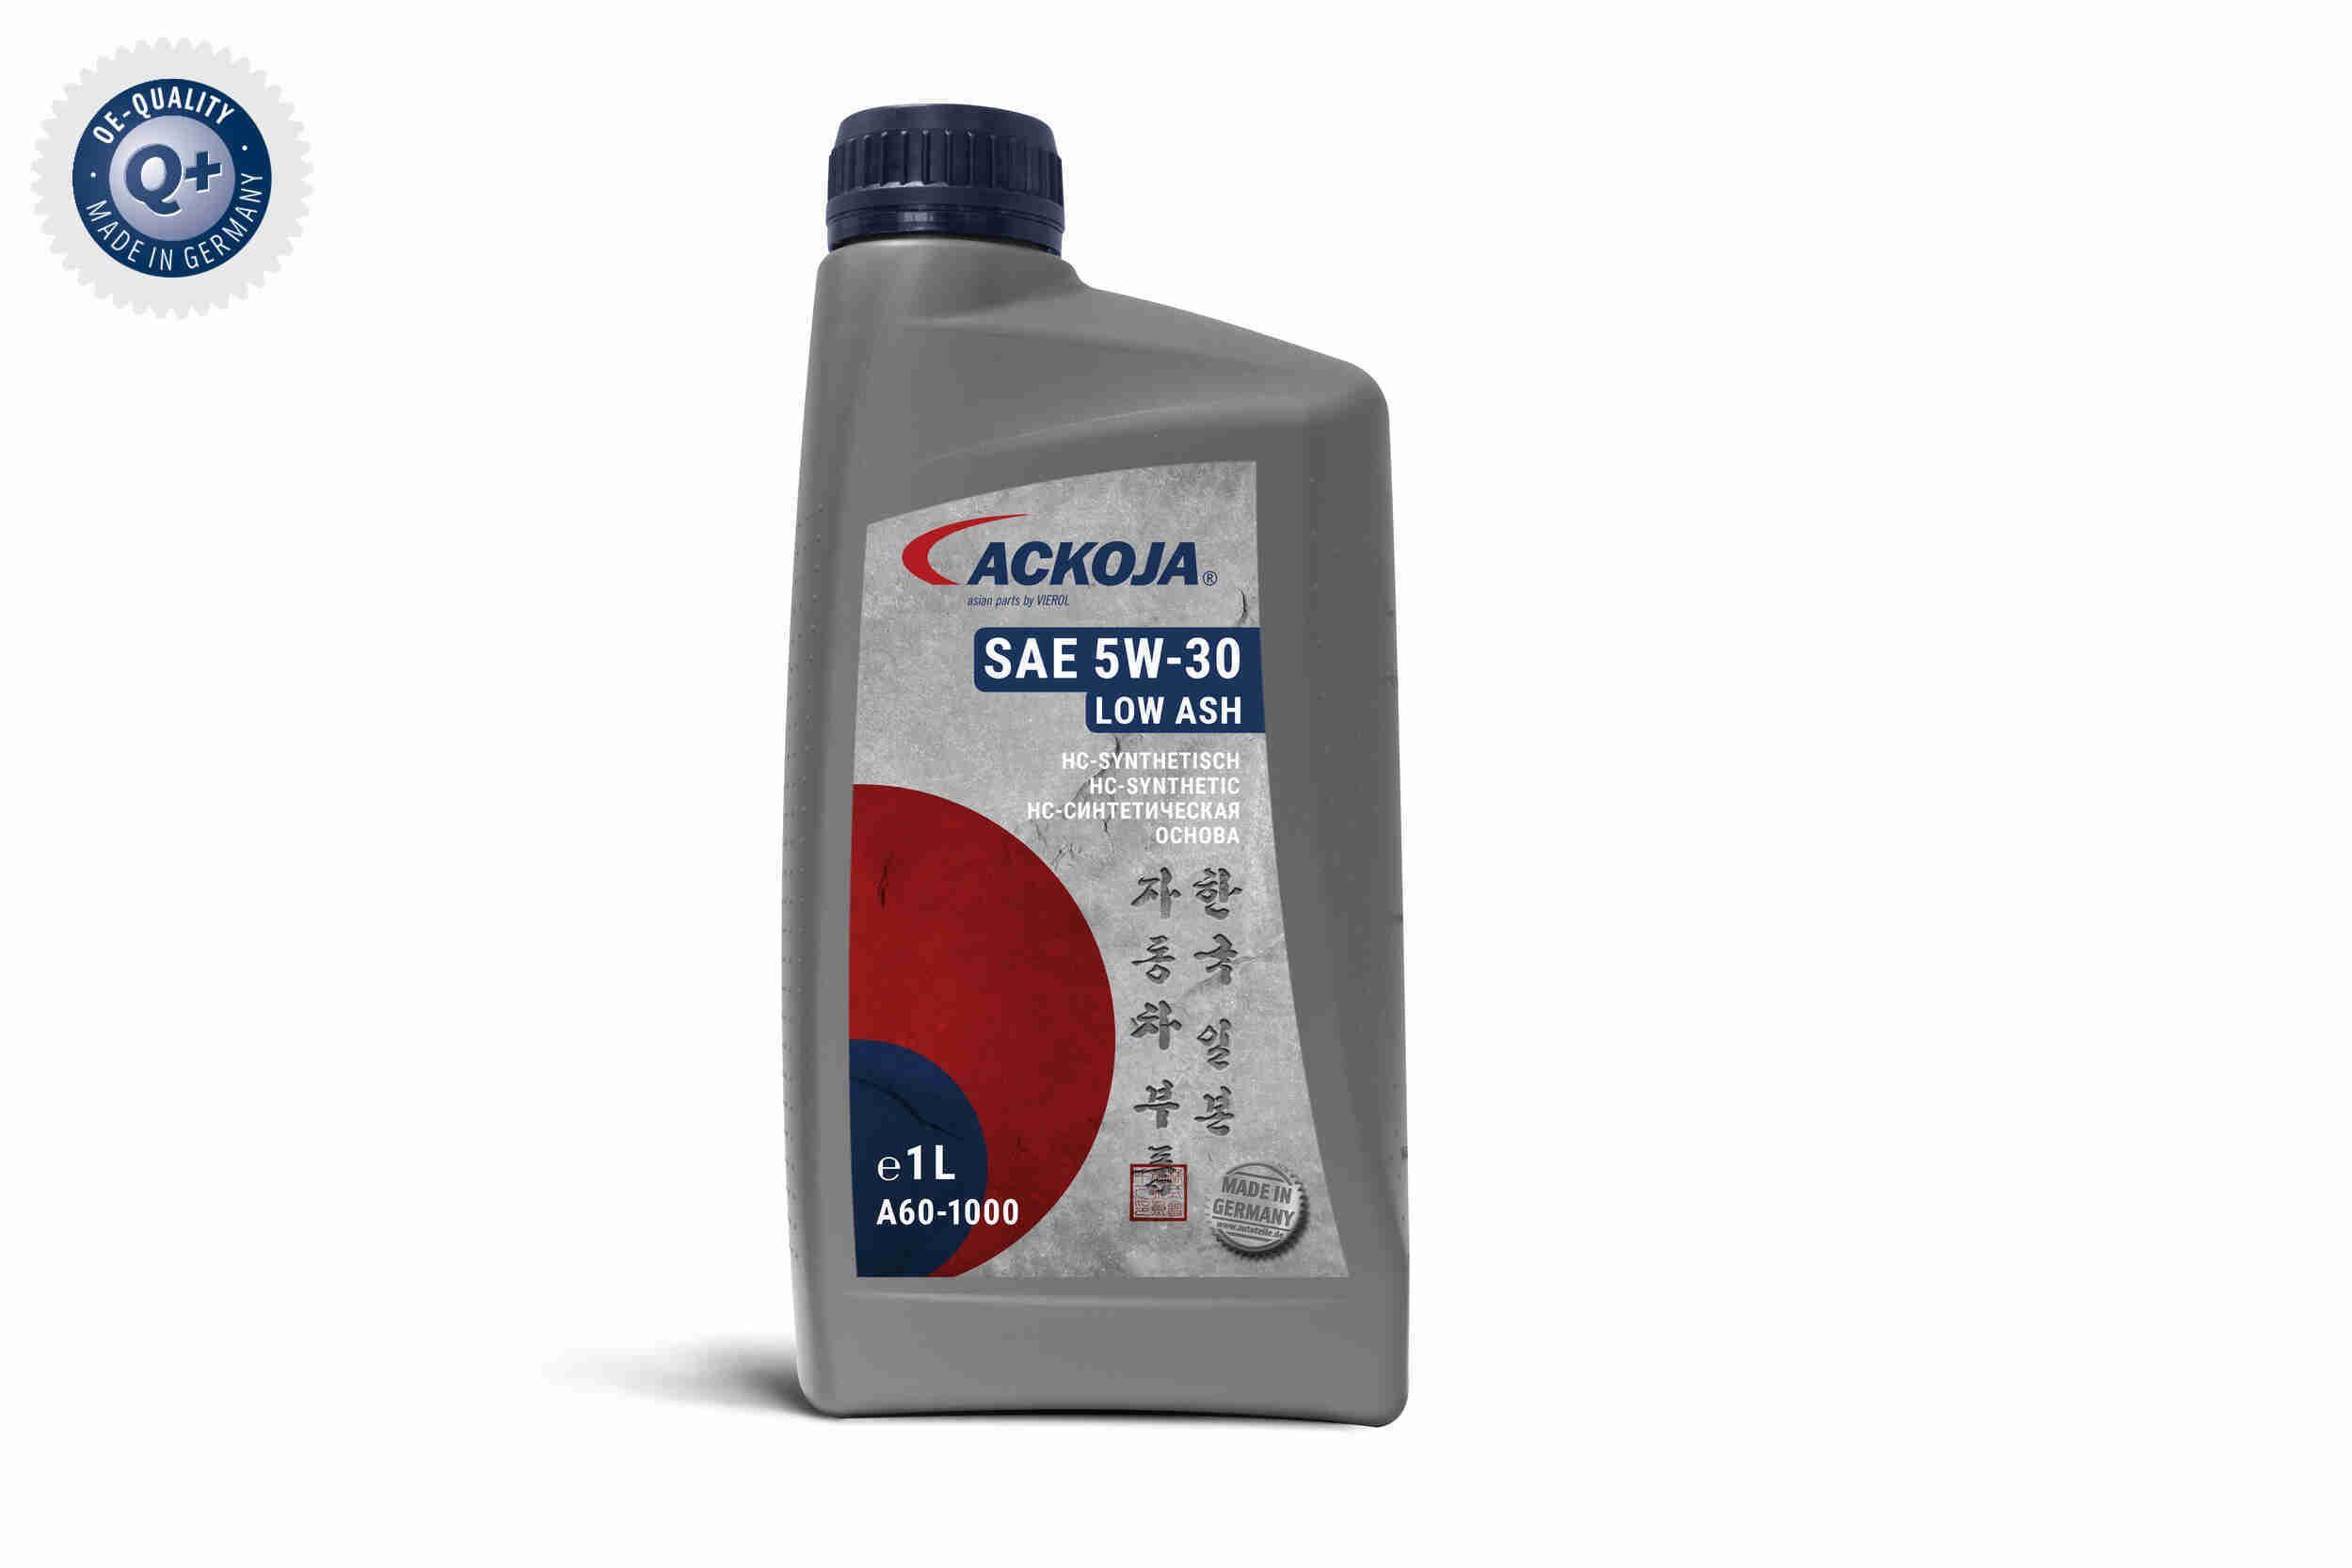 OpelGMDexos2TM ACKOJA LOW ASH 5W-30, Inhalt: 1l Motoröl A60-1000 günstig kaufen